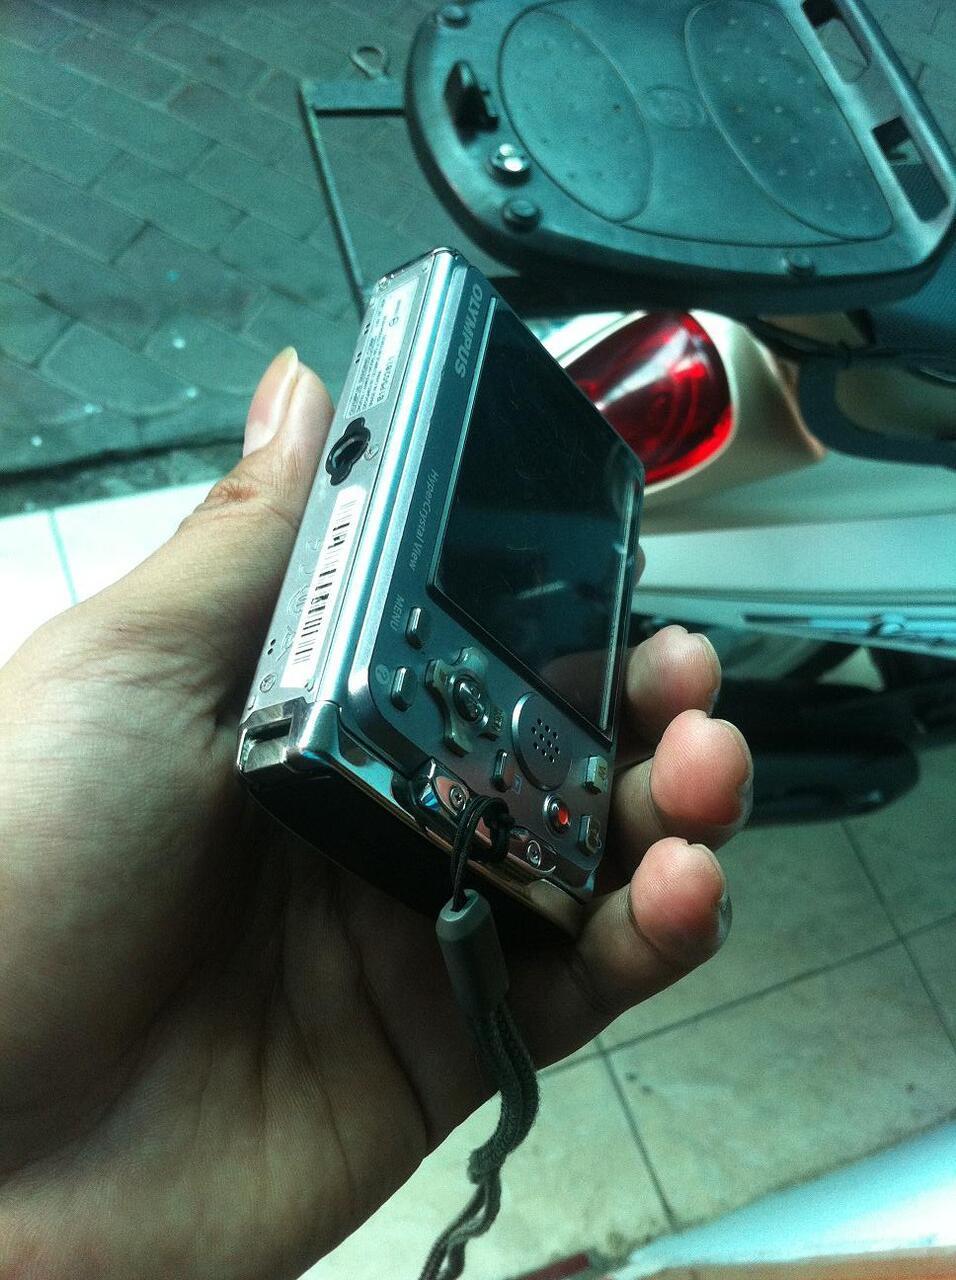 2nd camera outdoor waterproof OLYMPUS mju TOUGH 6020